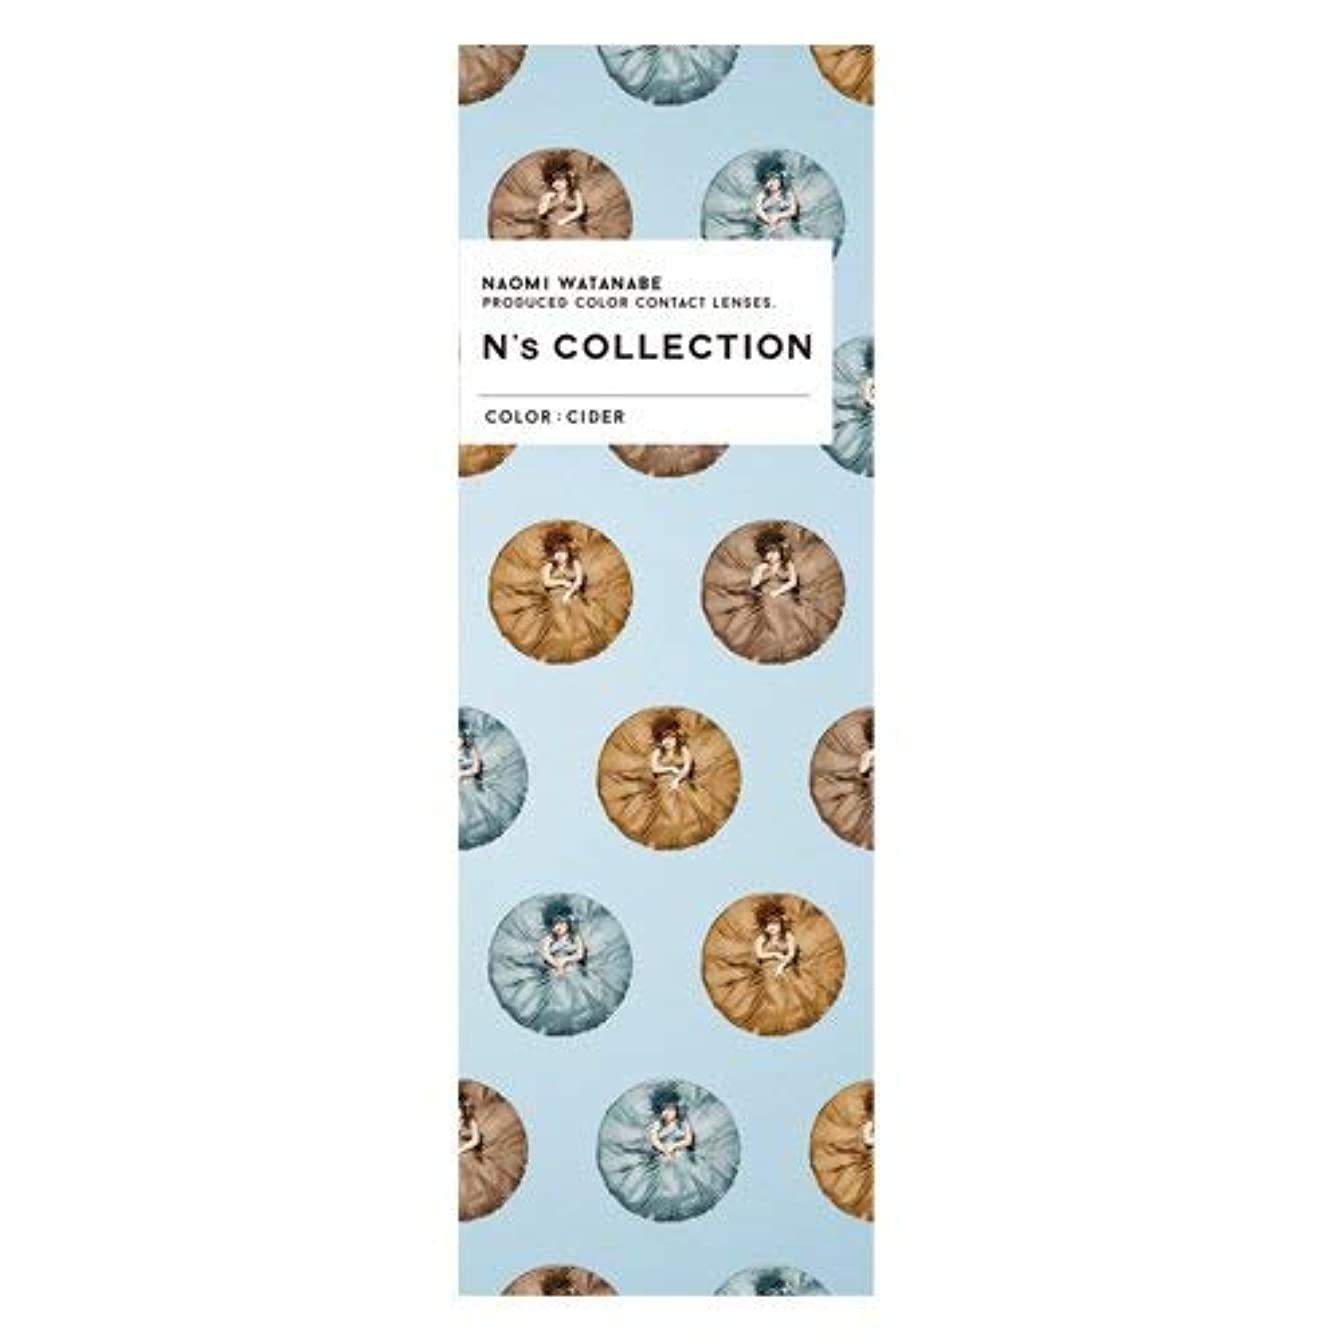 振り向く複製構想するN's Collection エヌズコレクションワンデーUV10枚 2箱セット 渡辺直美プロデュースカラコン 【サイダー】 ±0.00